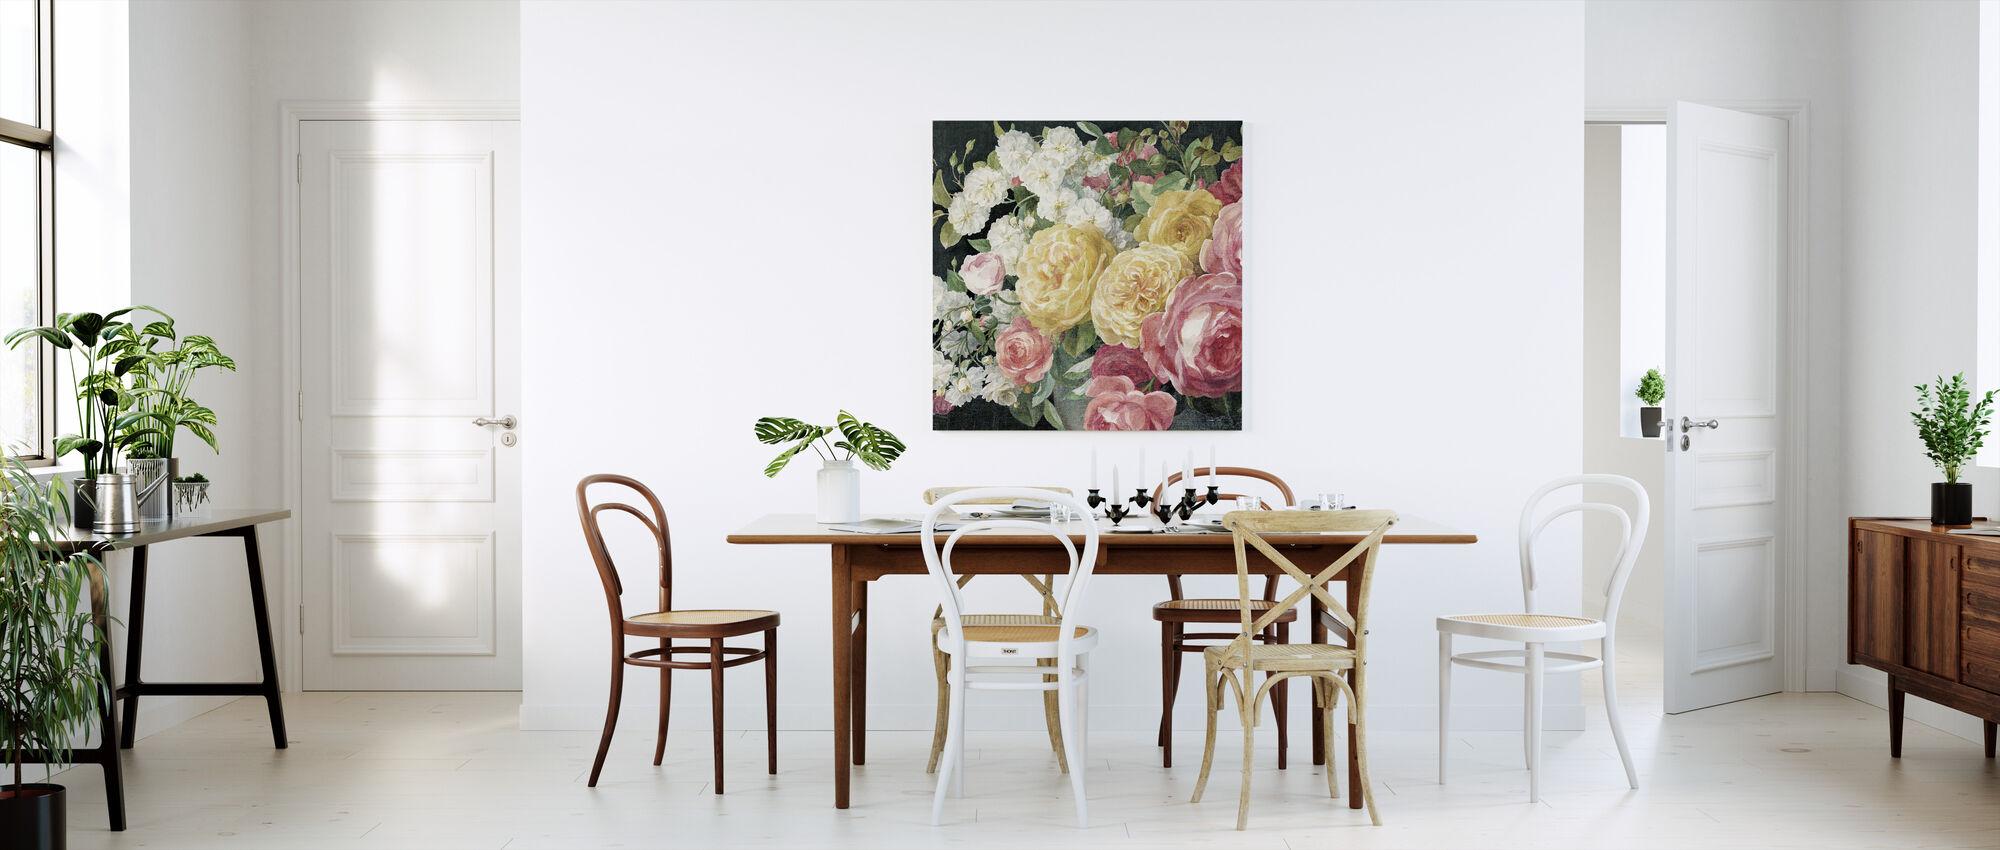 Antiikki ruusut mustalla - Canvastaulu - Keittiö